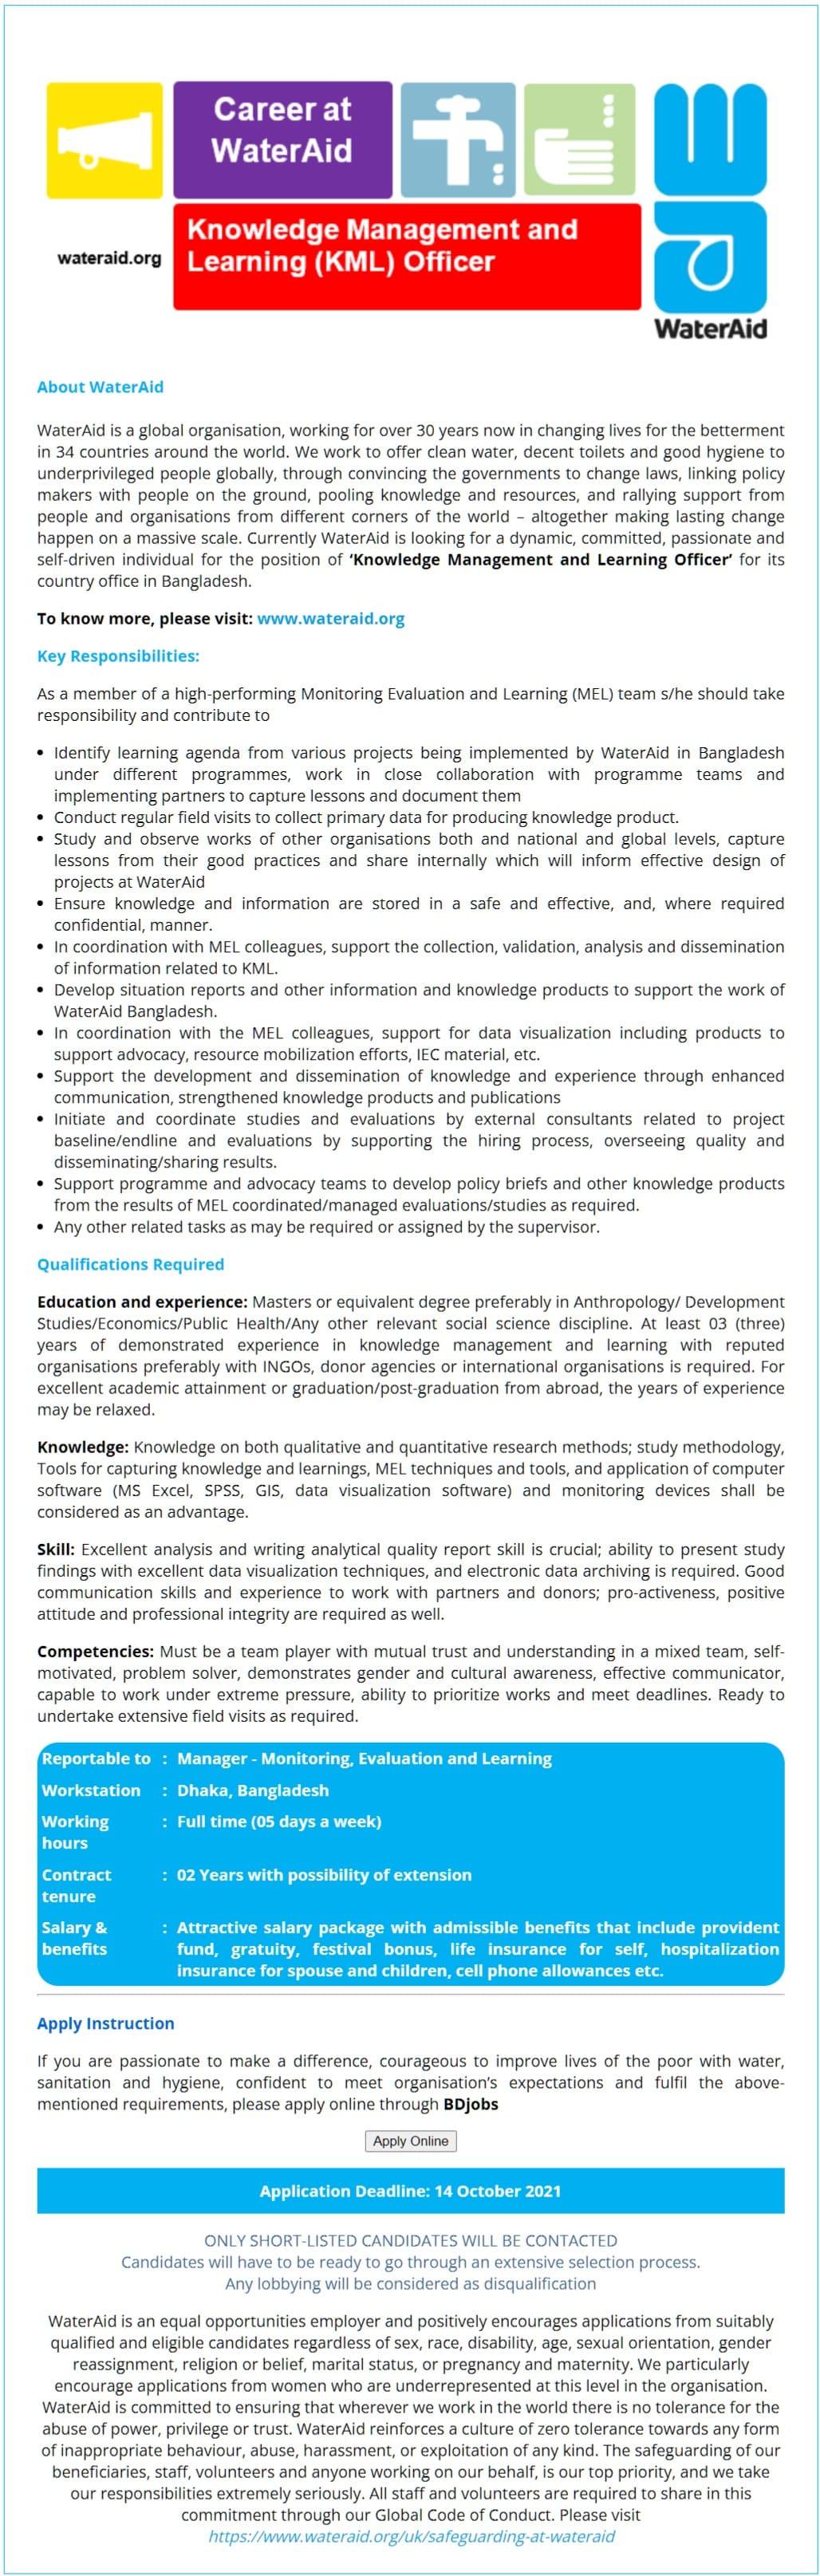 WaterAid Bangladesh Job Circular 2021